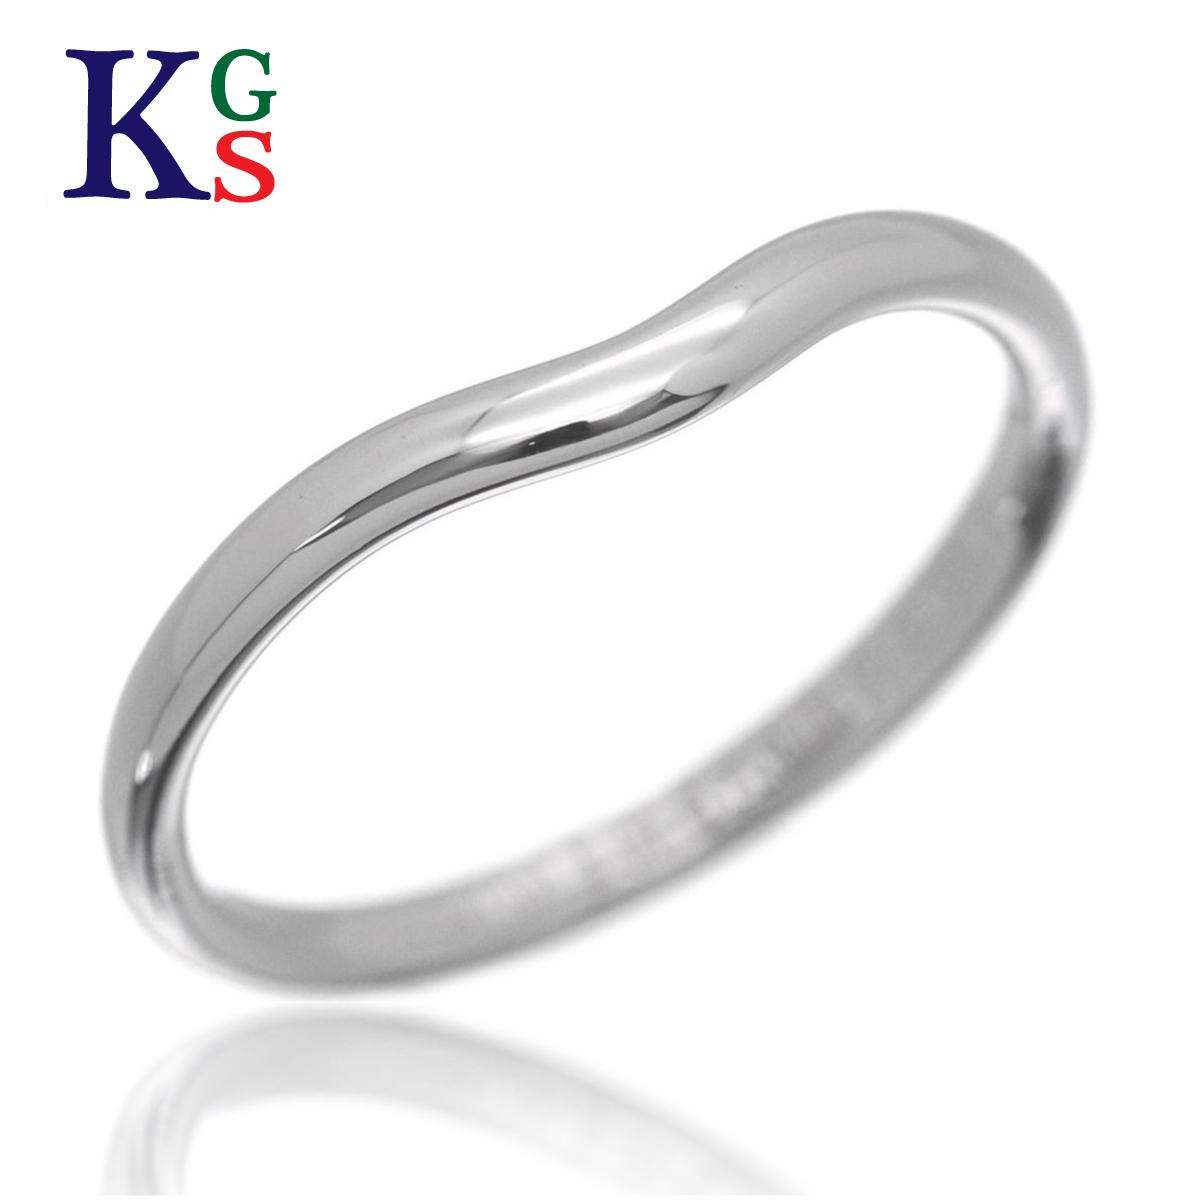 【ギフト品質】【名入れ】【4号~23号】ティファニー/Tiffany&co レディース メンズ ジュエリー リング/指輪 カーブド バンドリング 指輪 Pt950 プラチナ